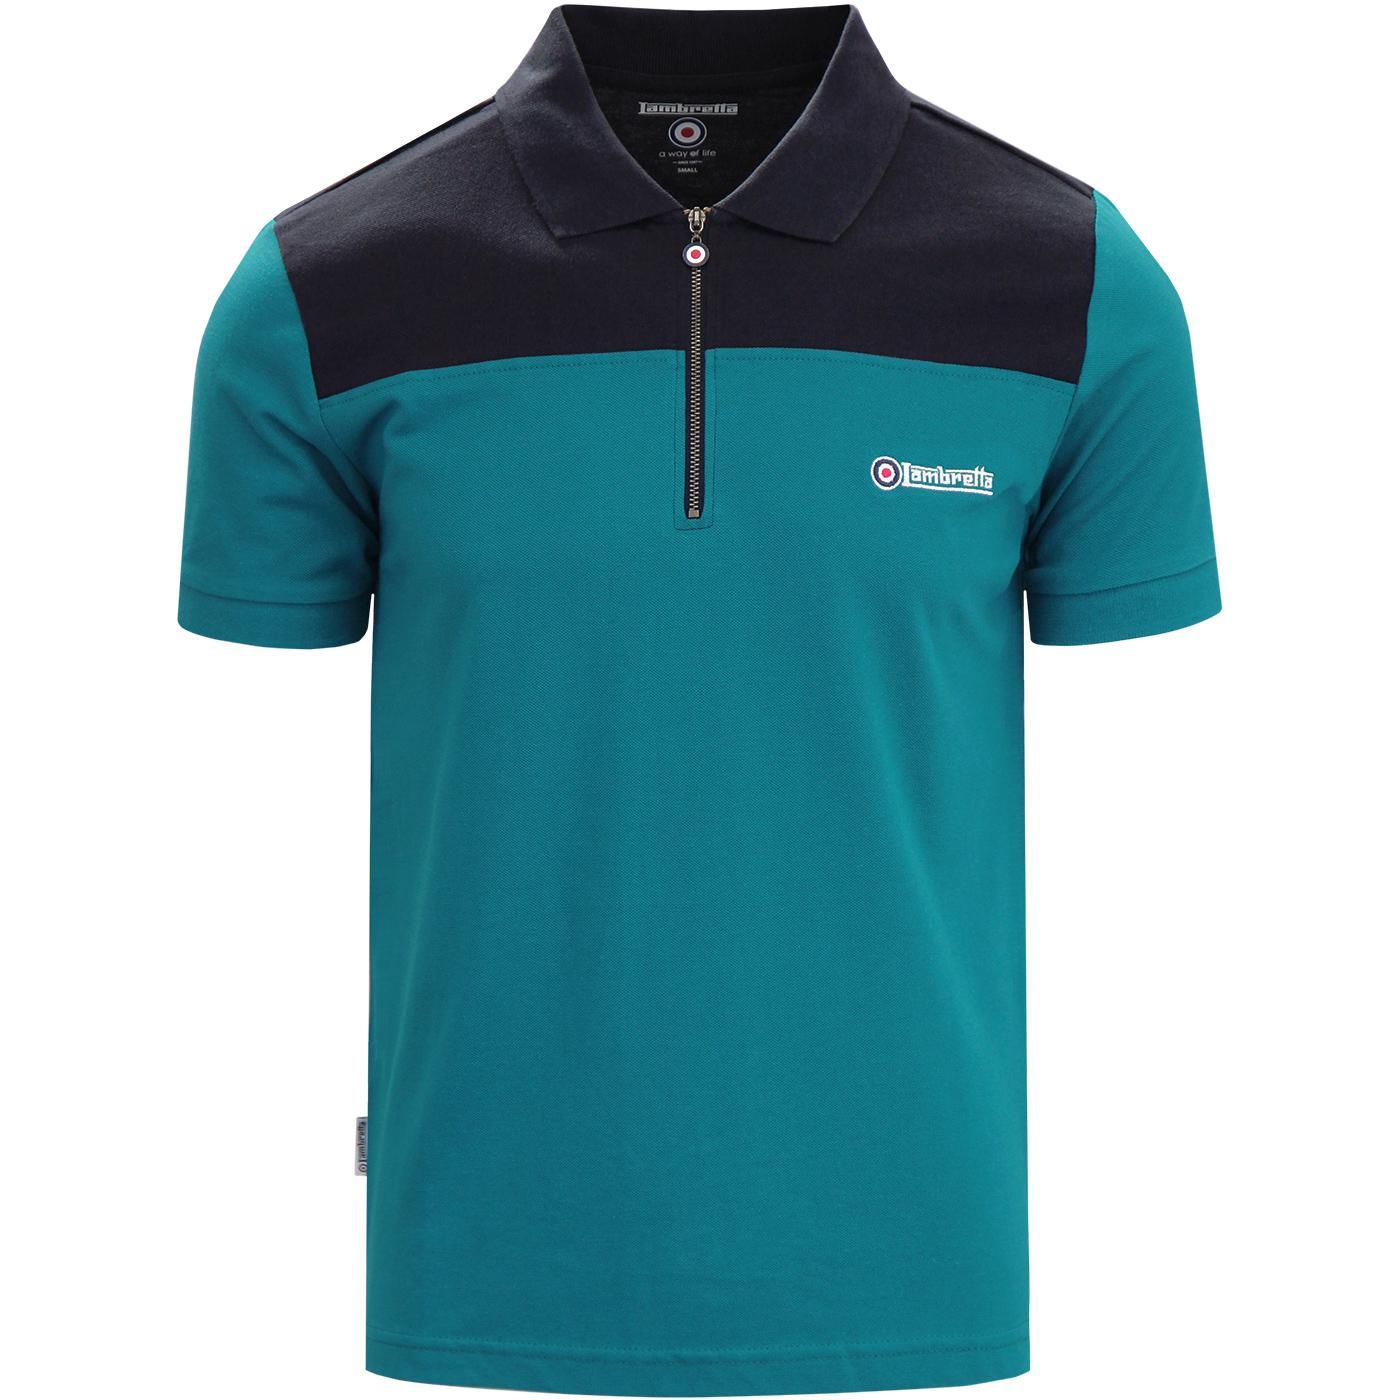 LAMBRETTA Retro Mod 1/4 Zip Up Pique Polo Shirt O